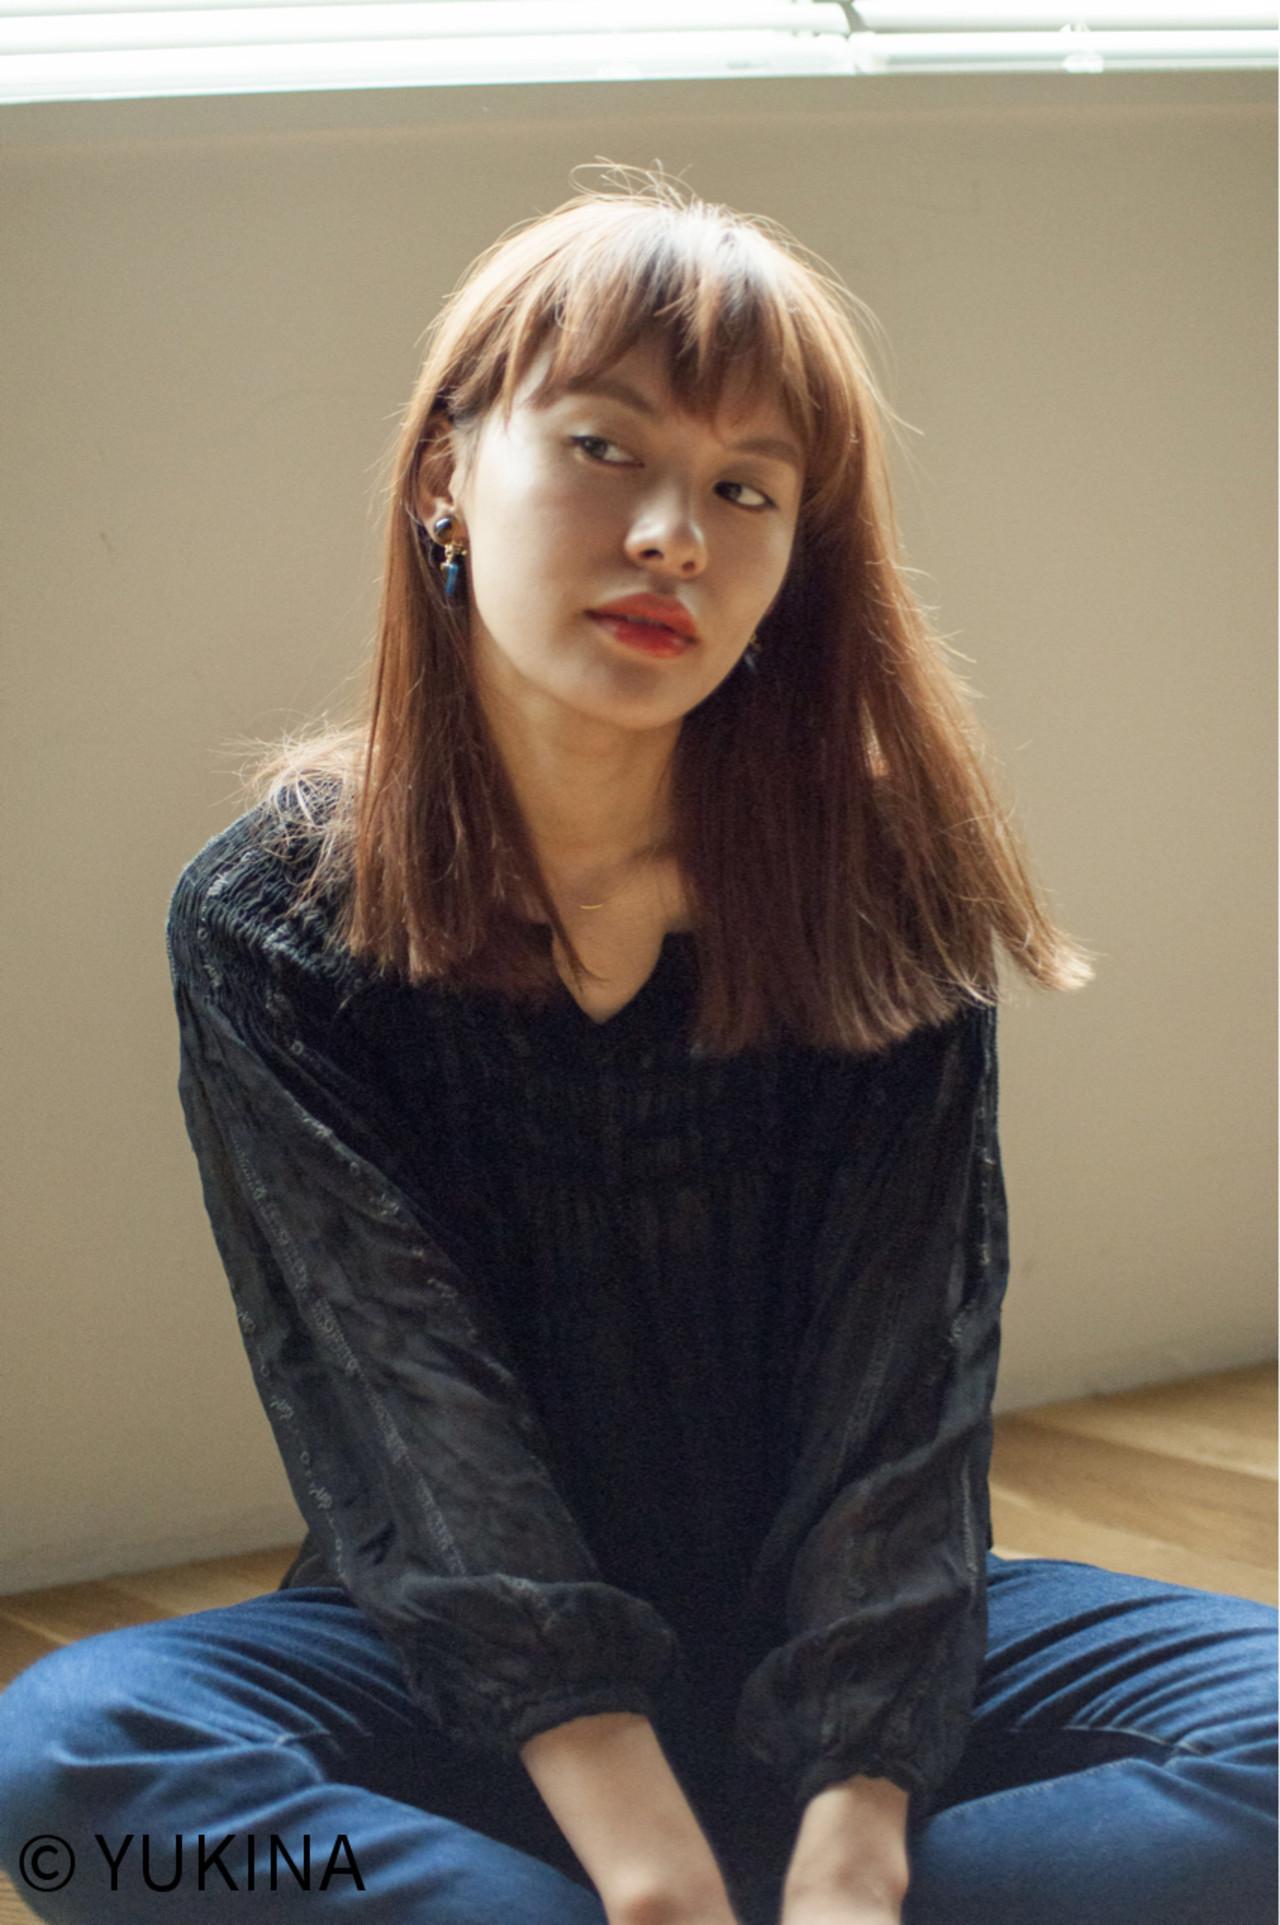 ブラントカットでモードに仕上げ♡ YUKINA / HOMIE TOKYO